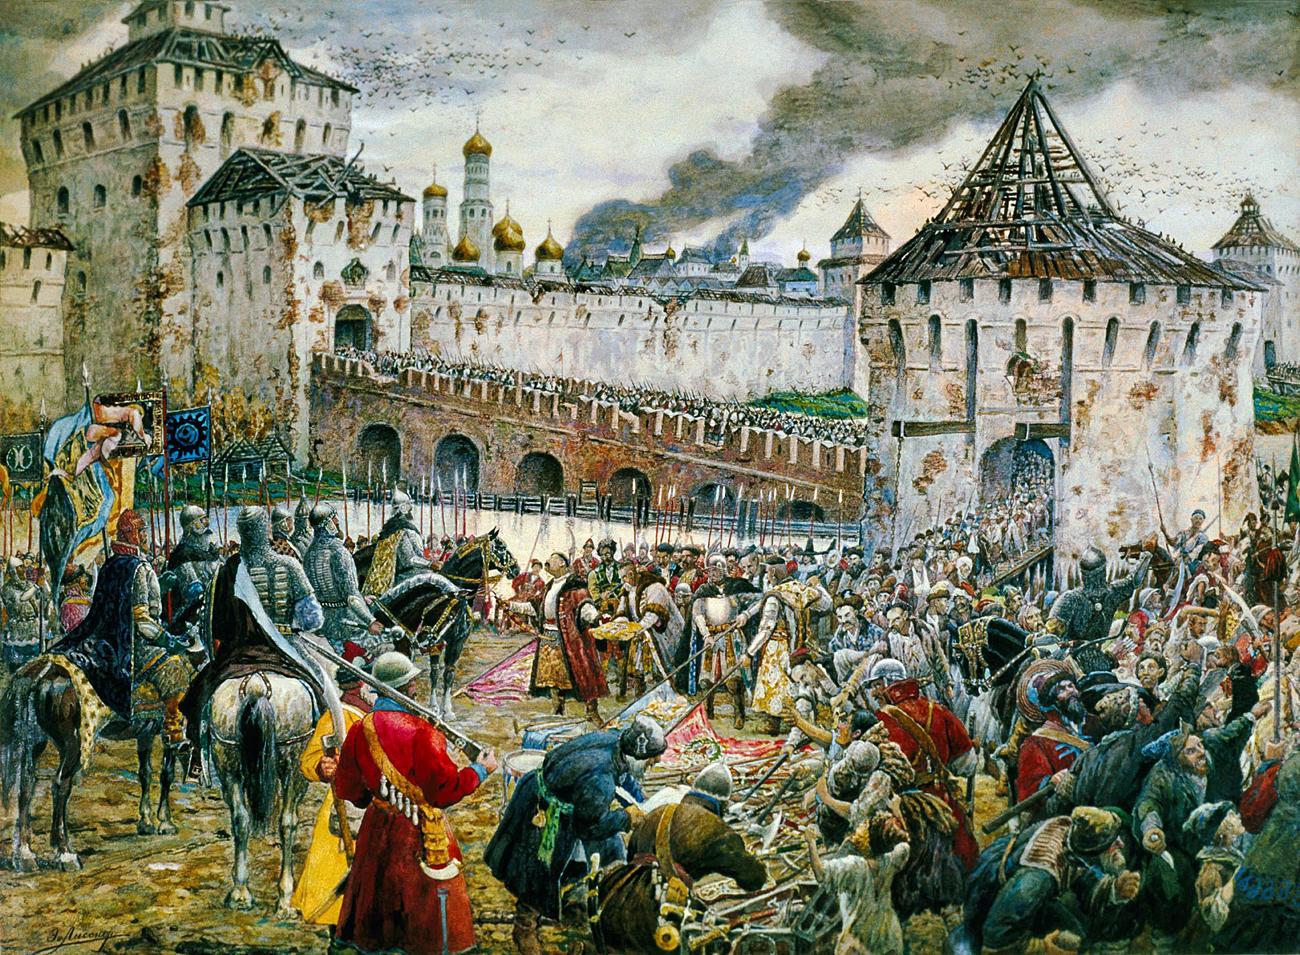 Битката между армията на княз Пожарски и полските интервенти в Москва през 1612 г. Худ. П.Е. Коверзнев / wikipedia.org